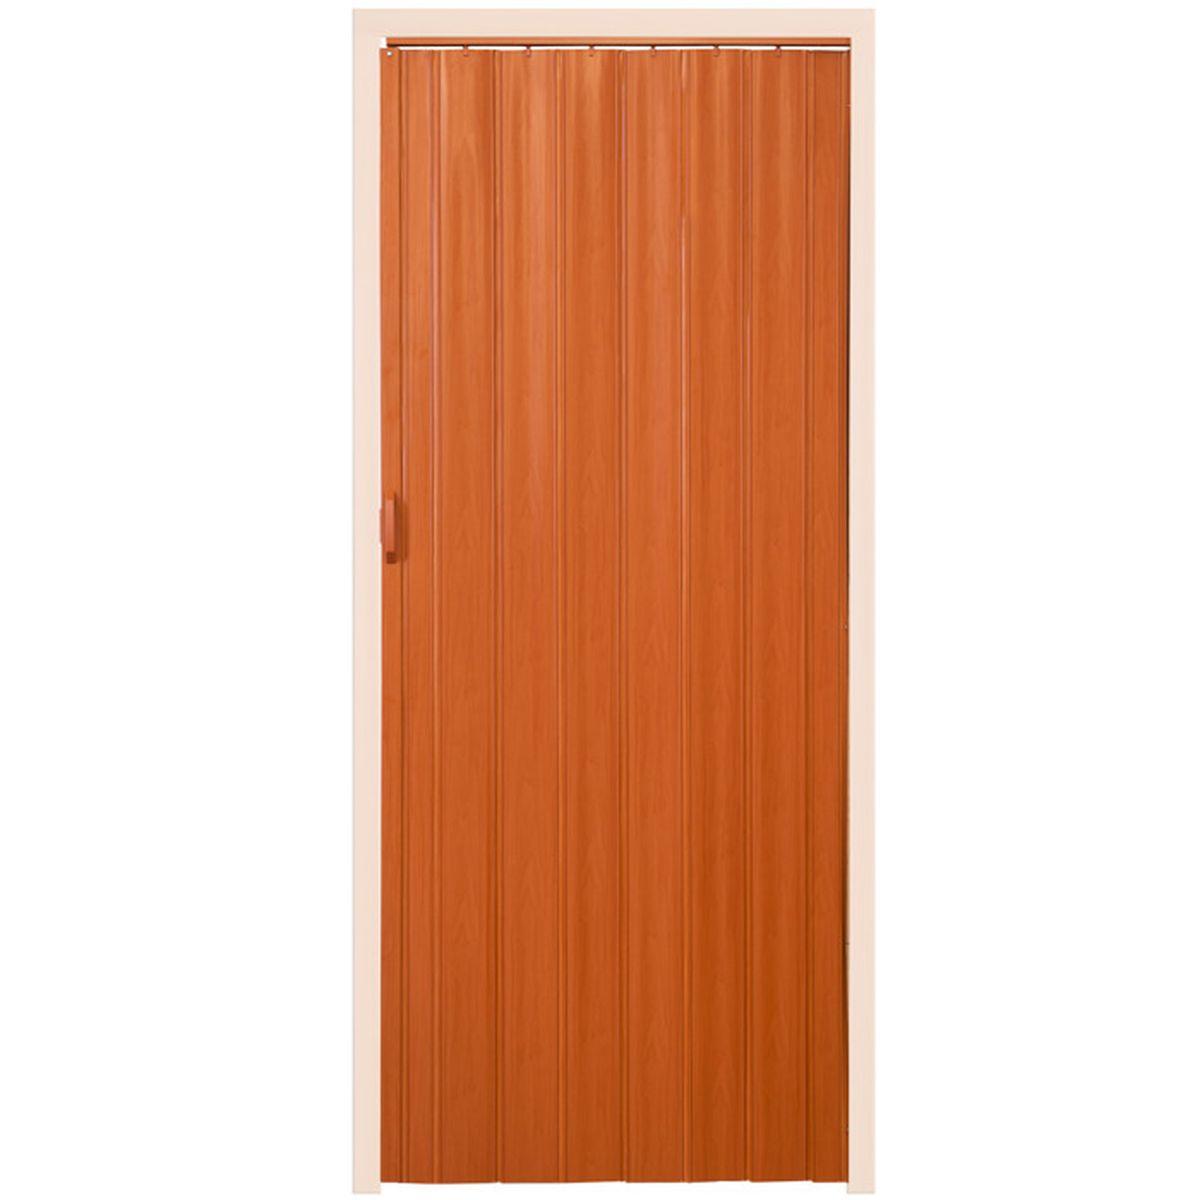 Porte De Séparation Pliante tectake porte coulissante pliante pour intérieur en pvc 80 cm x 203 cm bois  chêne